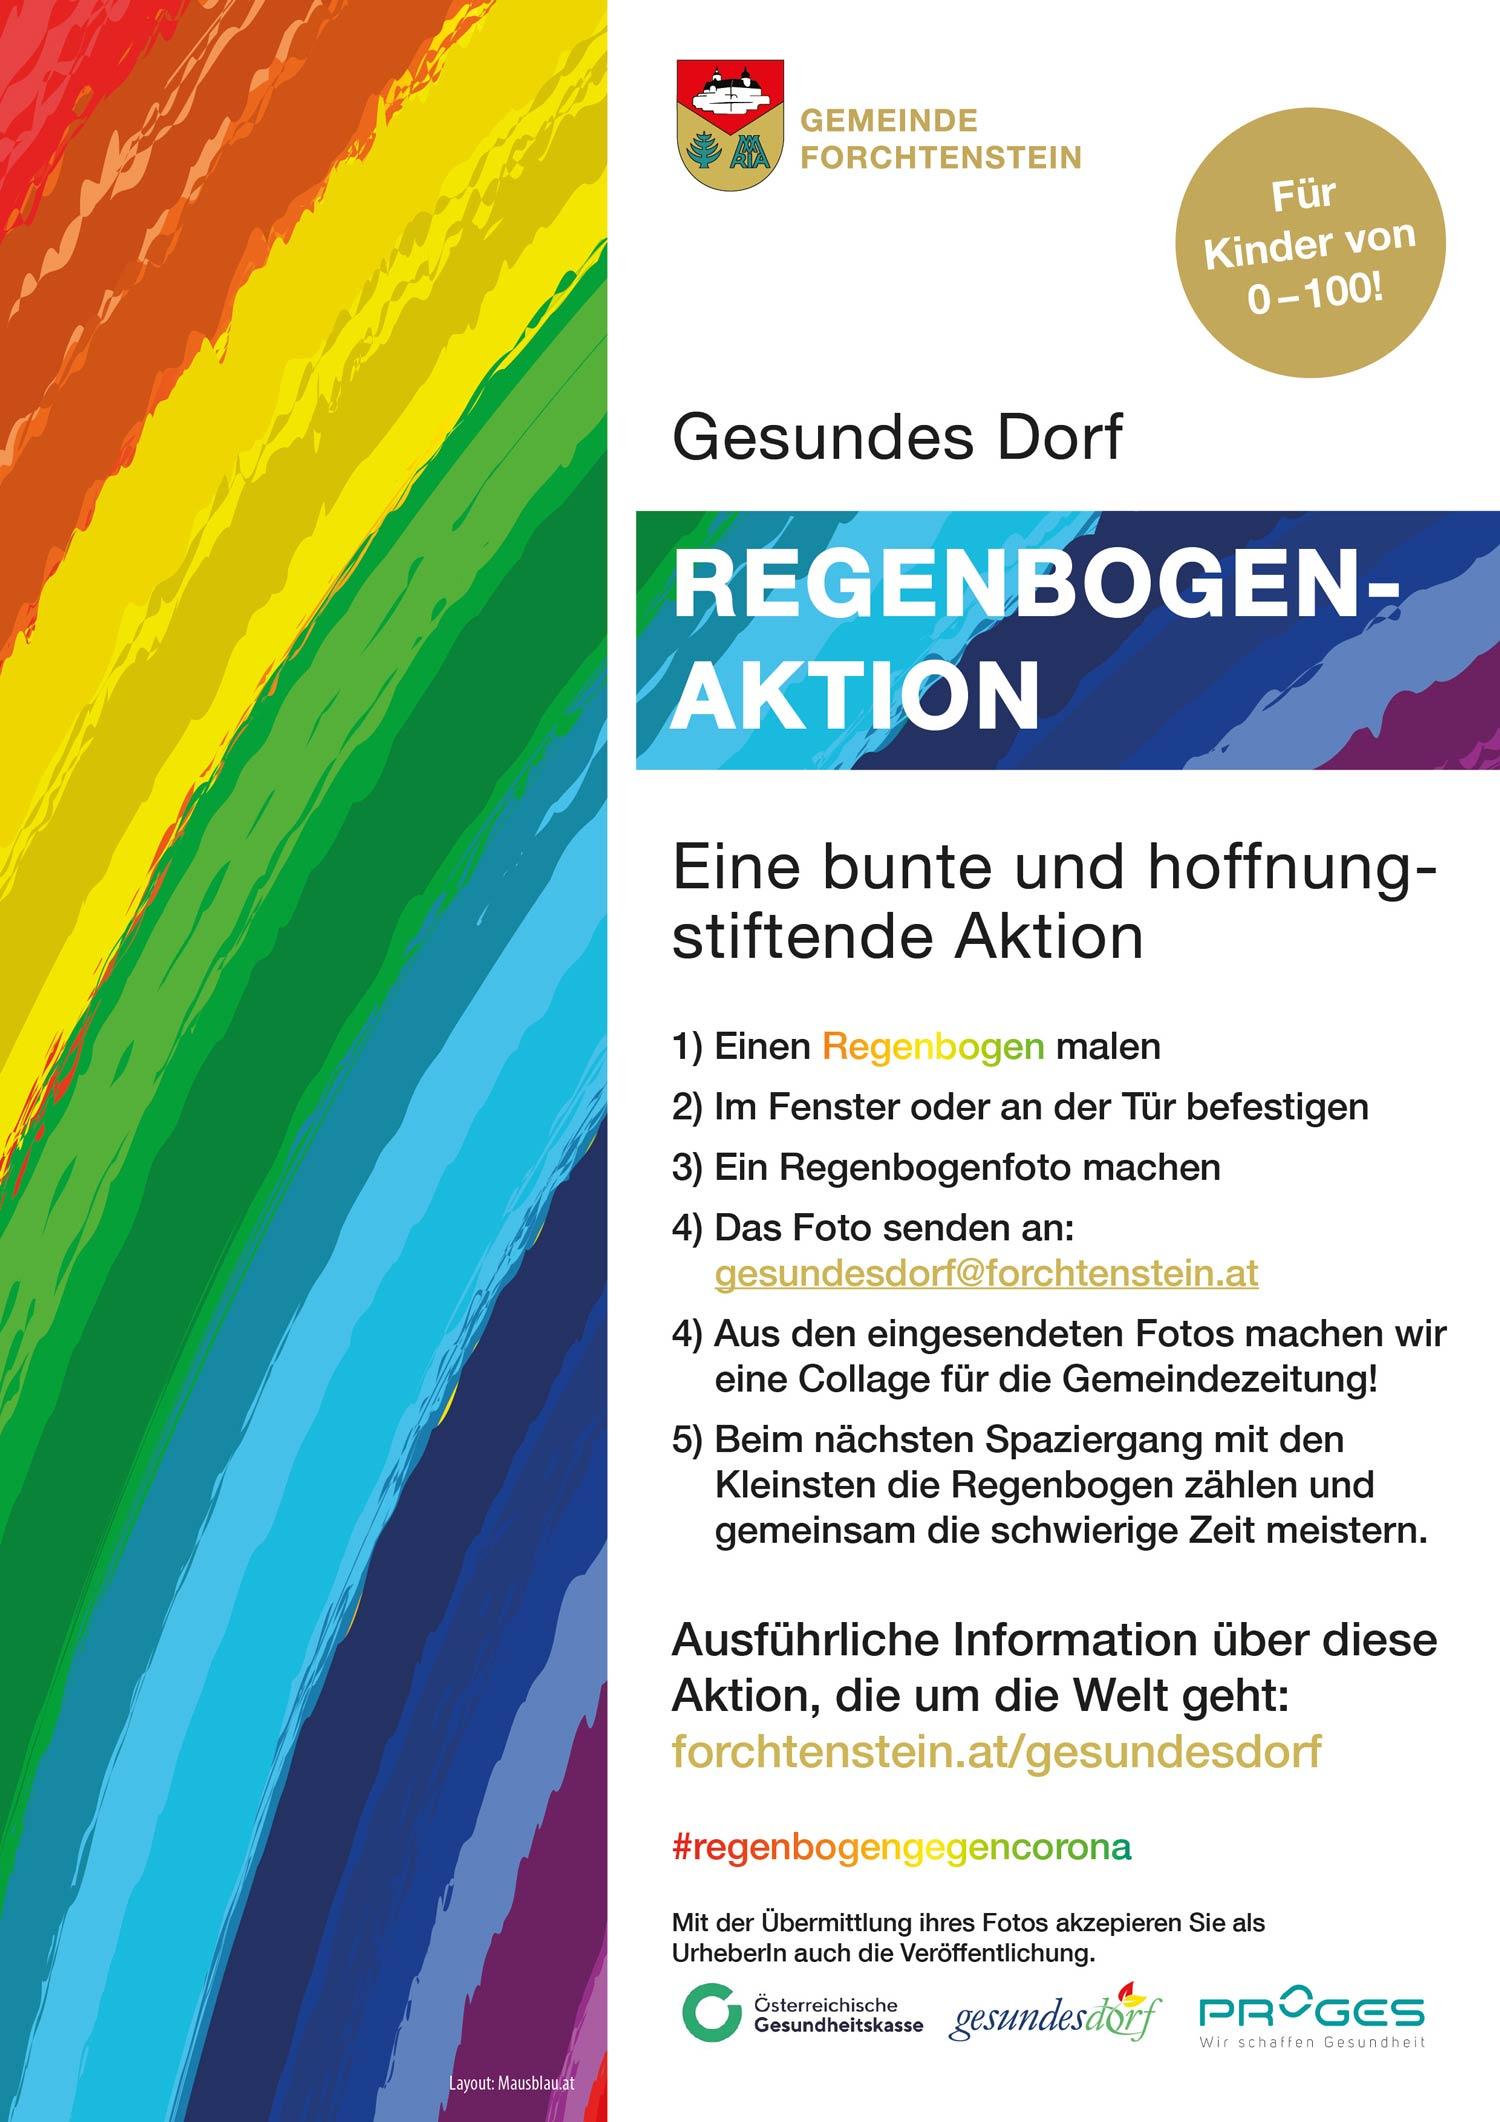 Plakat: Regenbogen-Aktion-Gesundes-Dorf-2020